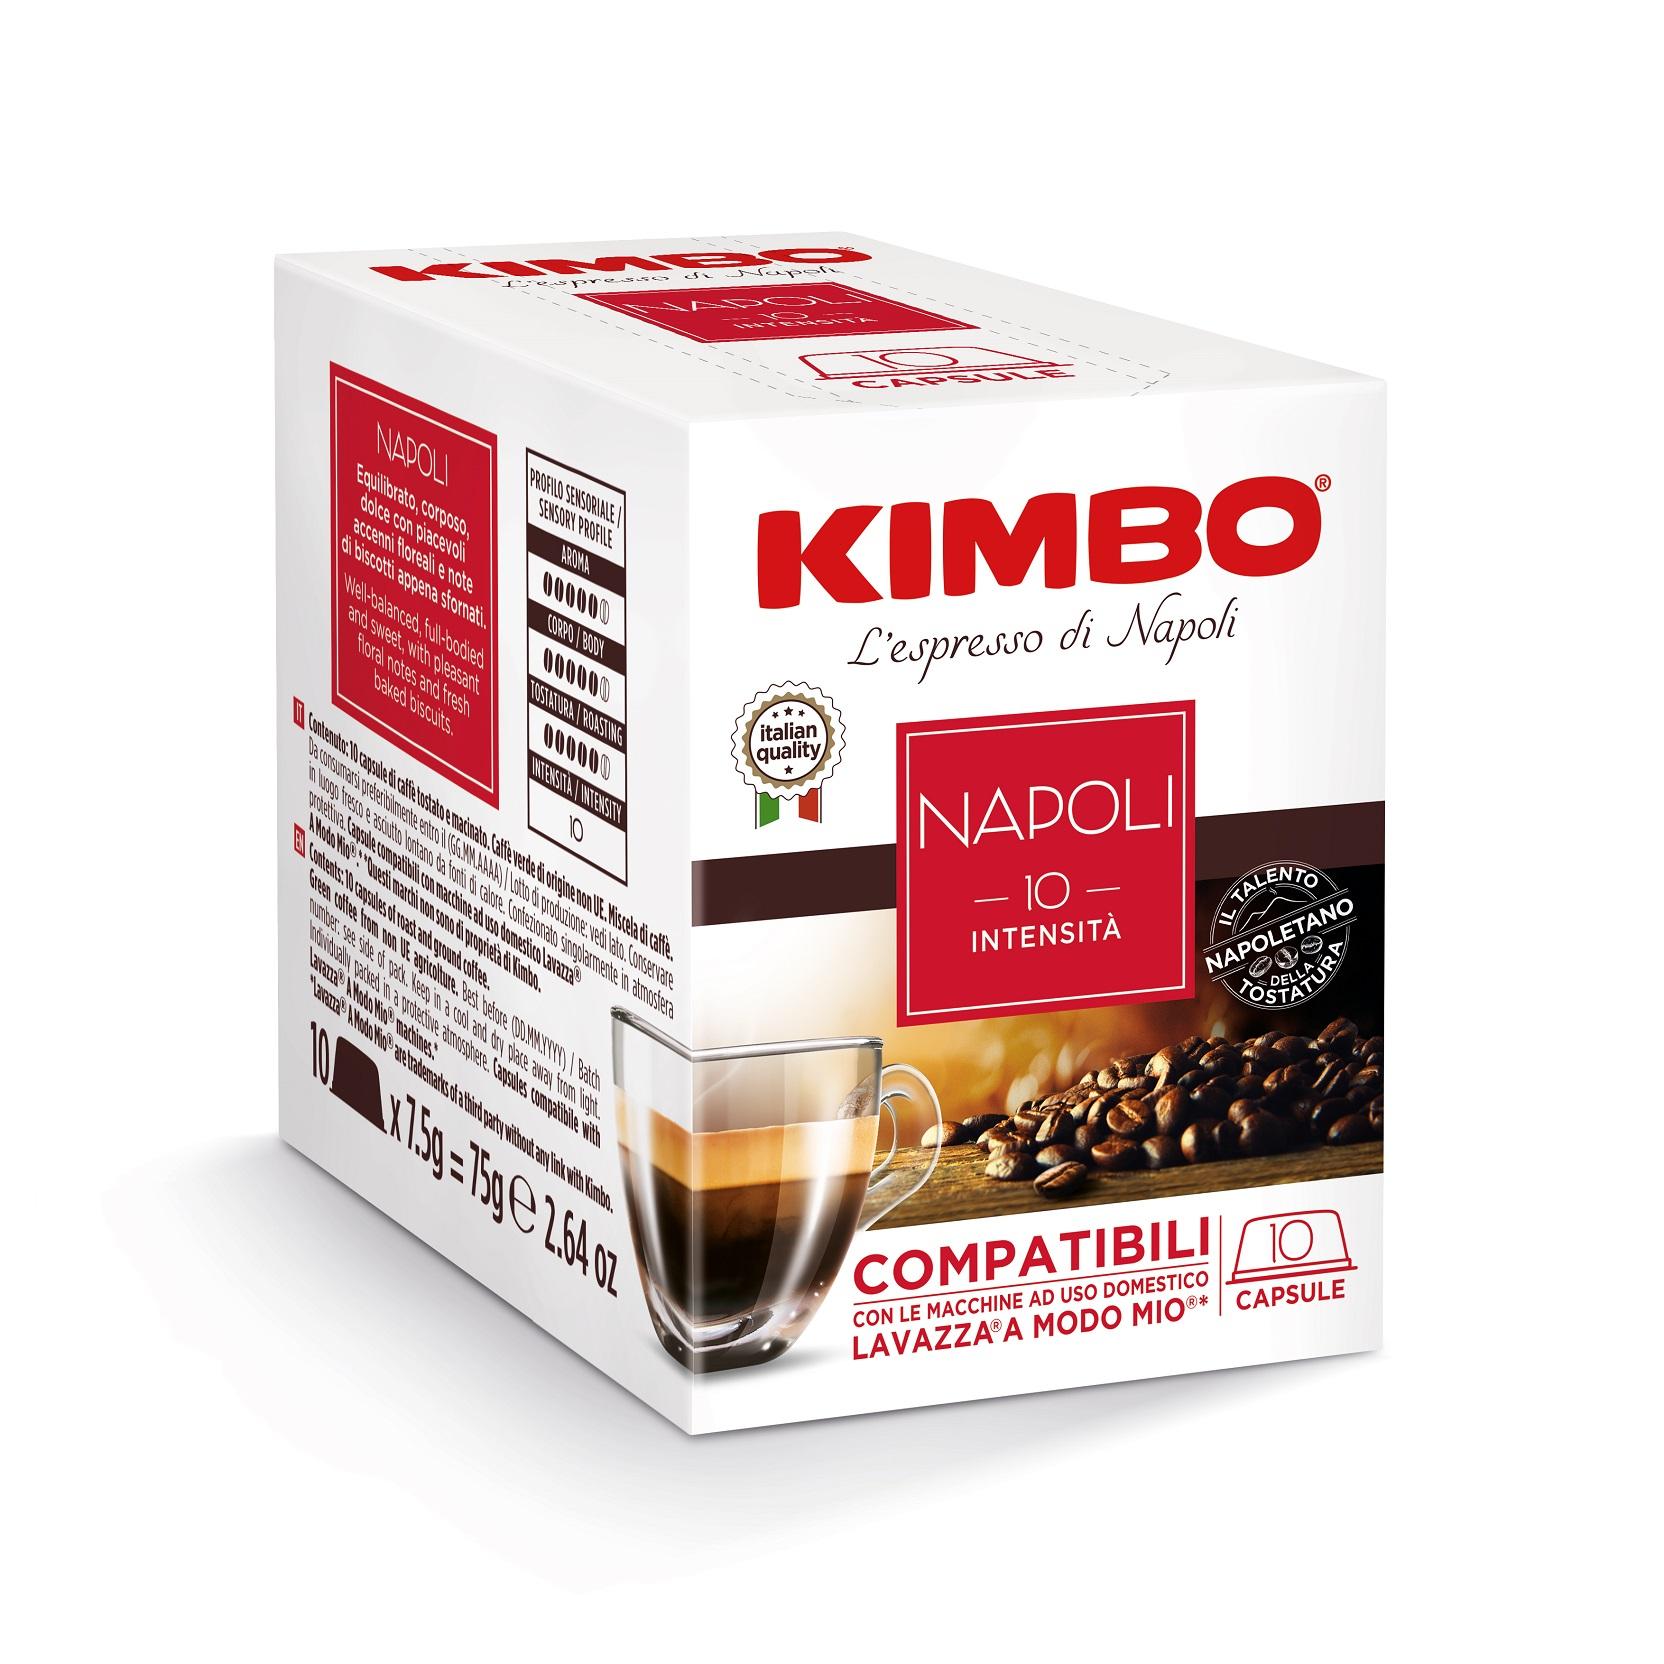 """Kimbo Кафе Капсули """"A Modo Mio"""" Napoli"""